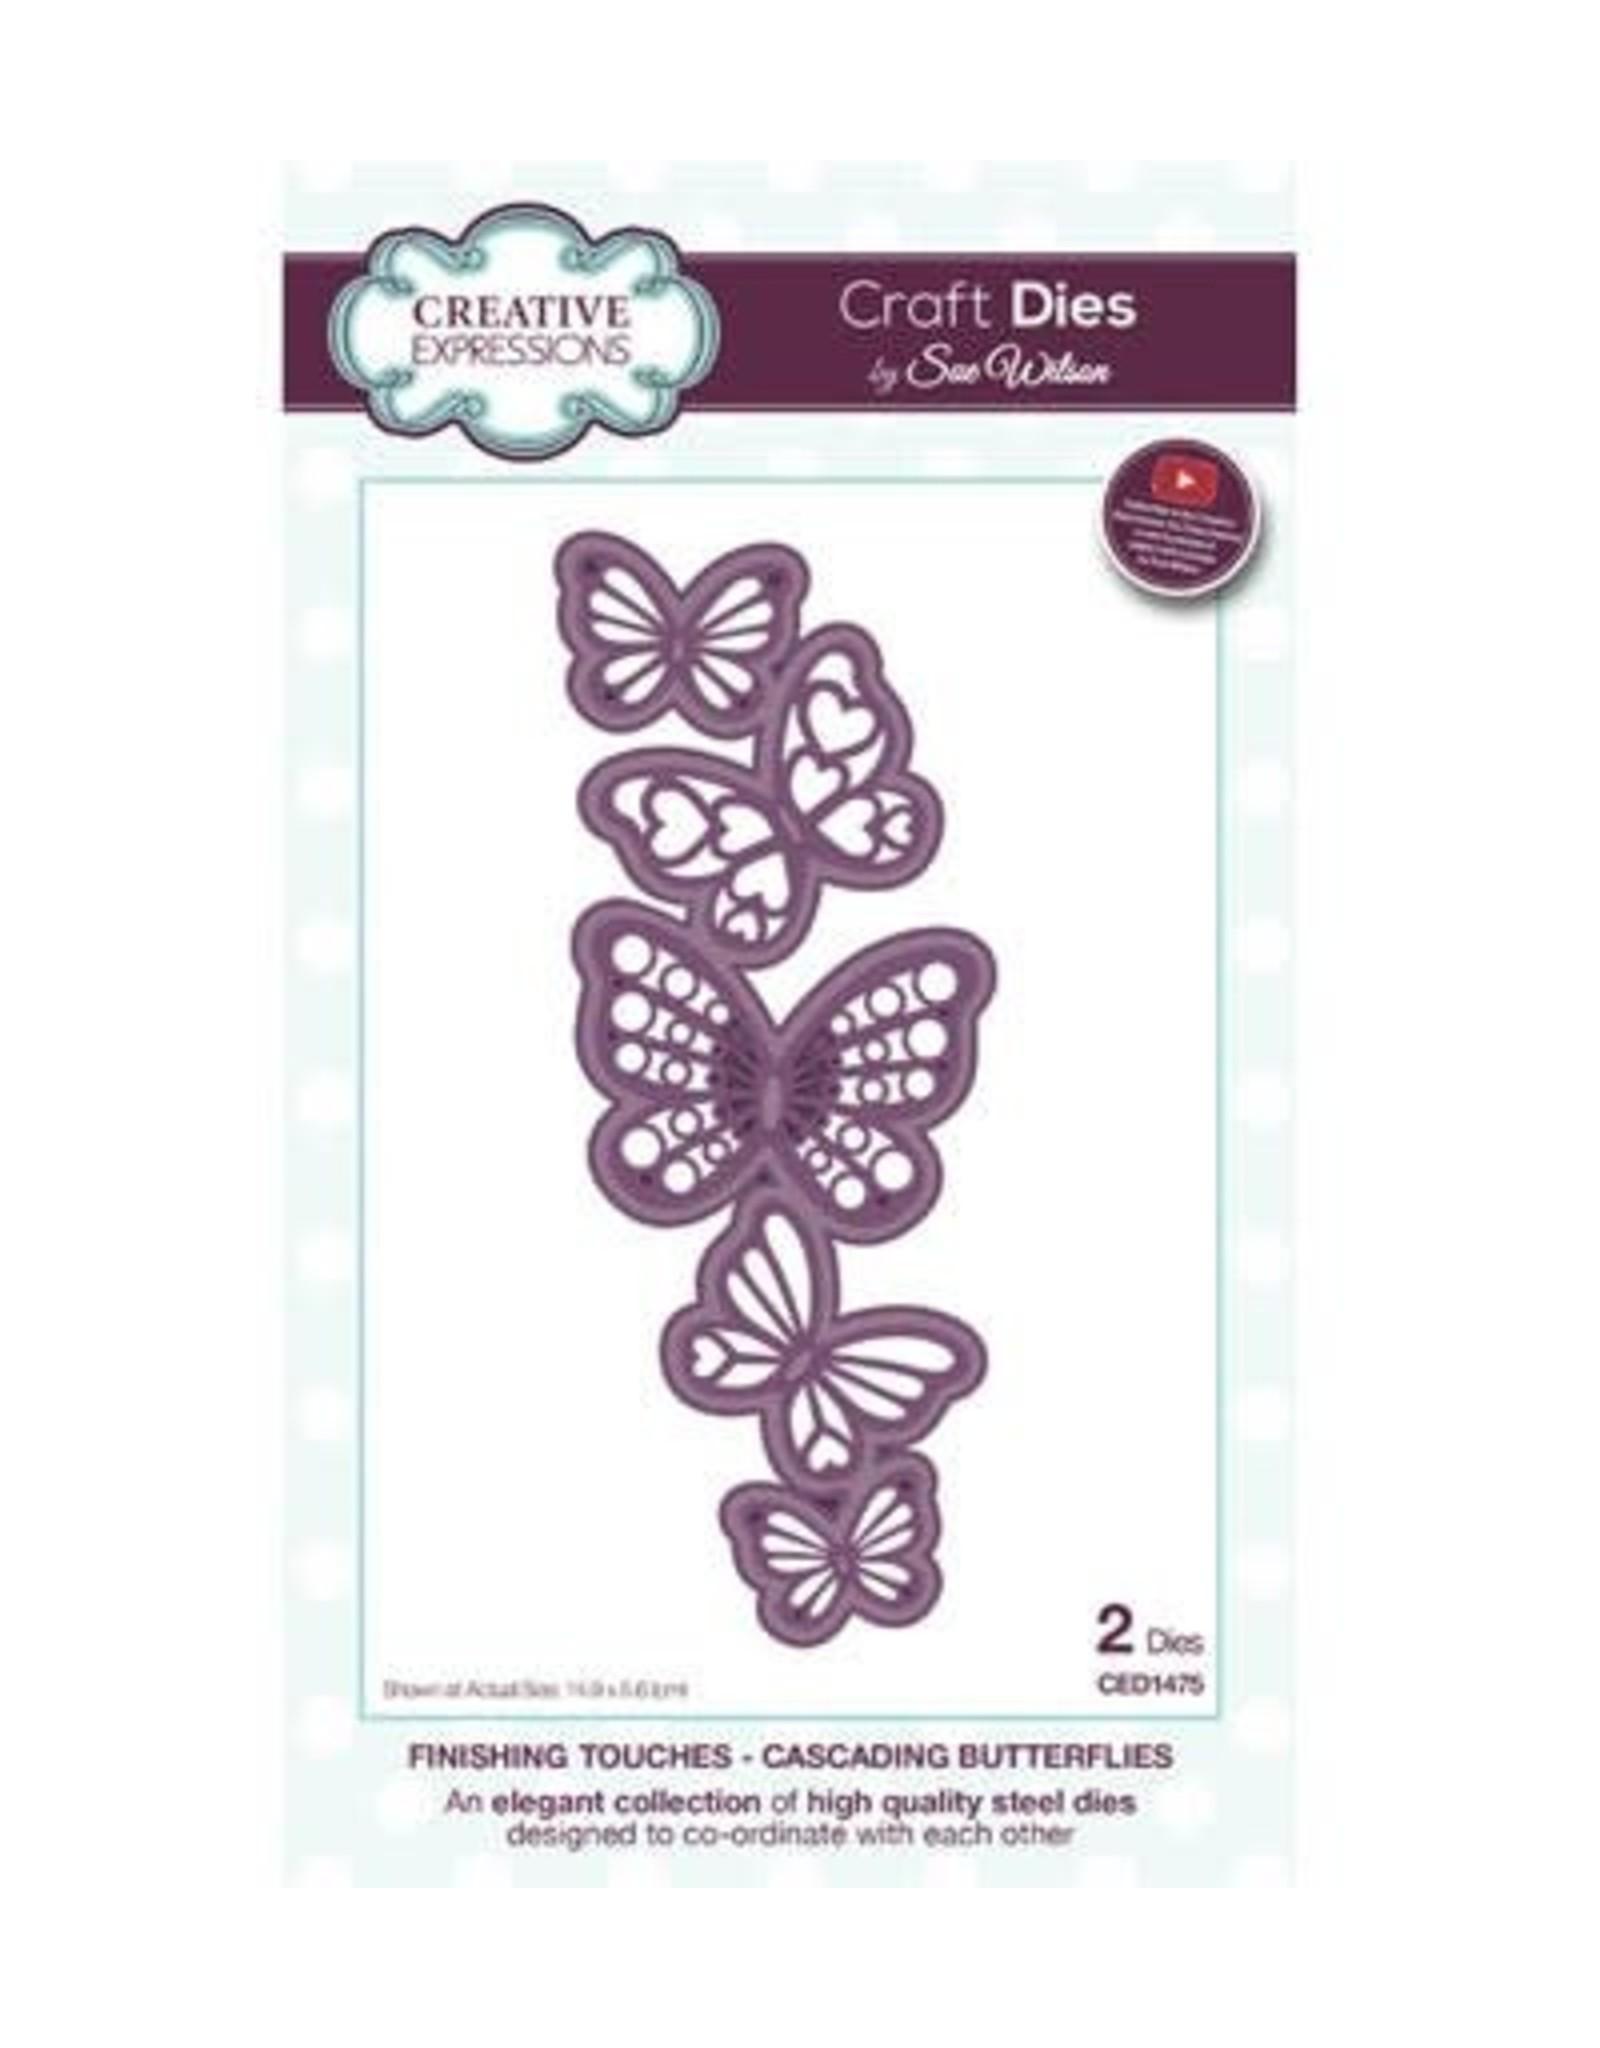 Creative Expressions Creative Expressions Cascading Butterflies CED1475